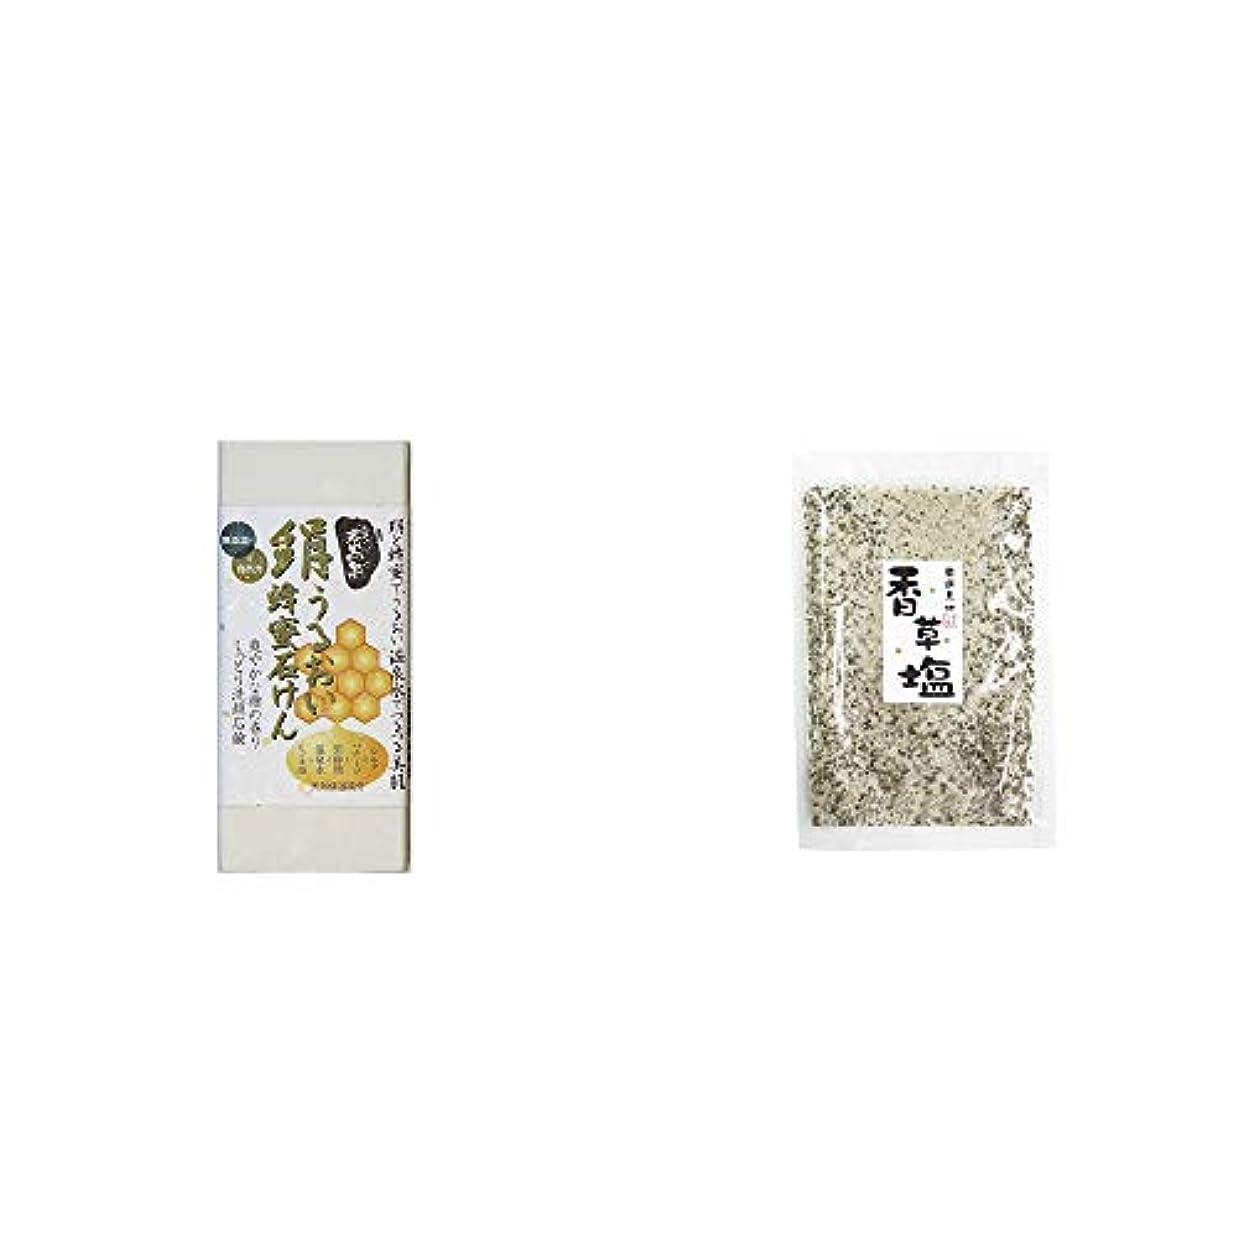 爆風頬上へ[2点セット] ひのき炭黒泉 絹うるおい蜂蜜石けん(75g×2)?香草塩 [袋タイプ](100g)